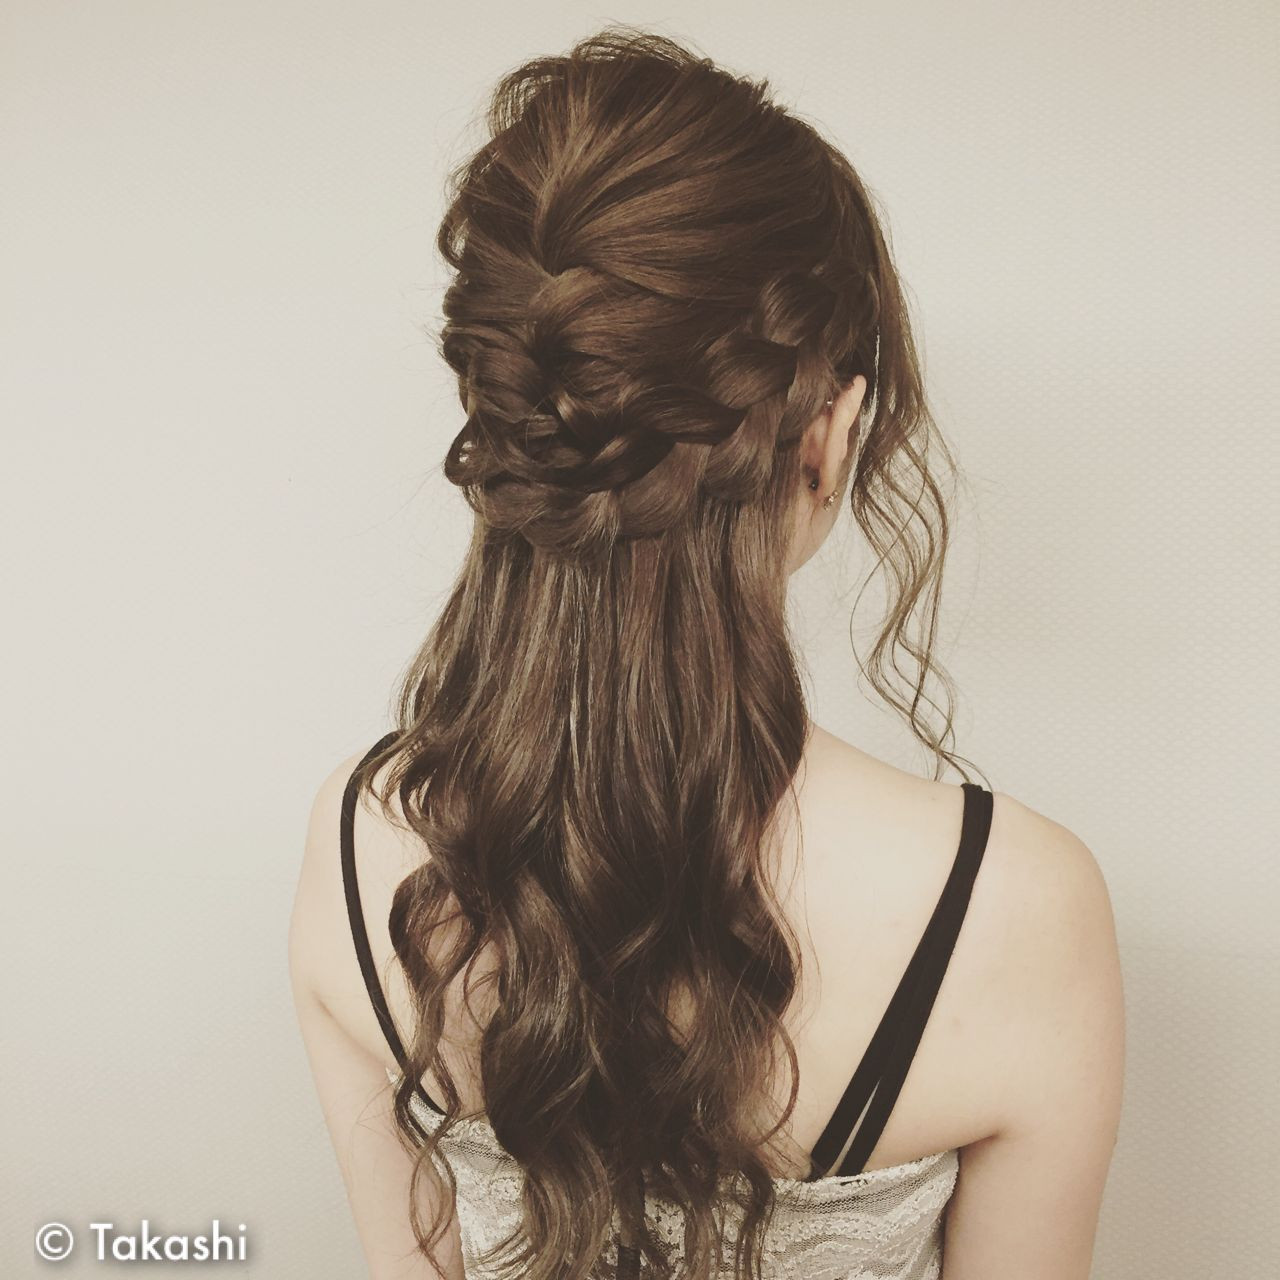 ヘアアレンジ ロング 外国人風 結婚式 ヘアスタイルや髪型の写真・画像